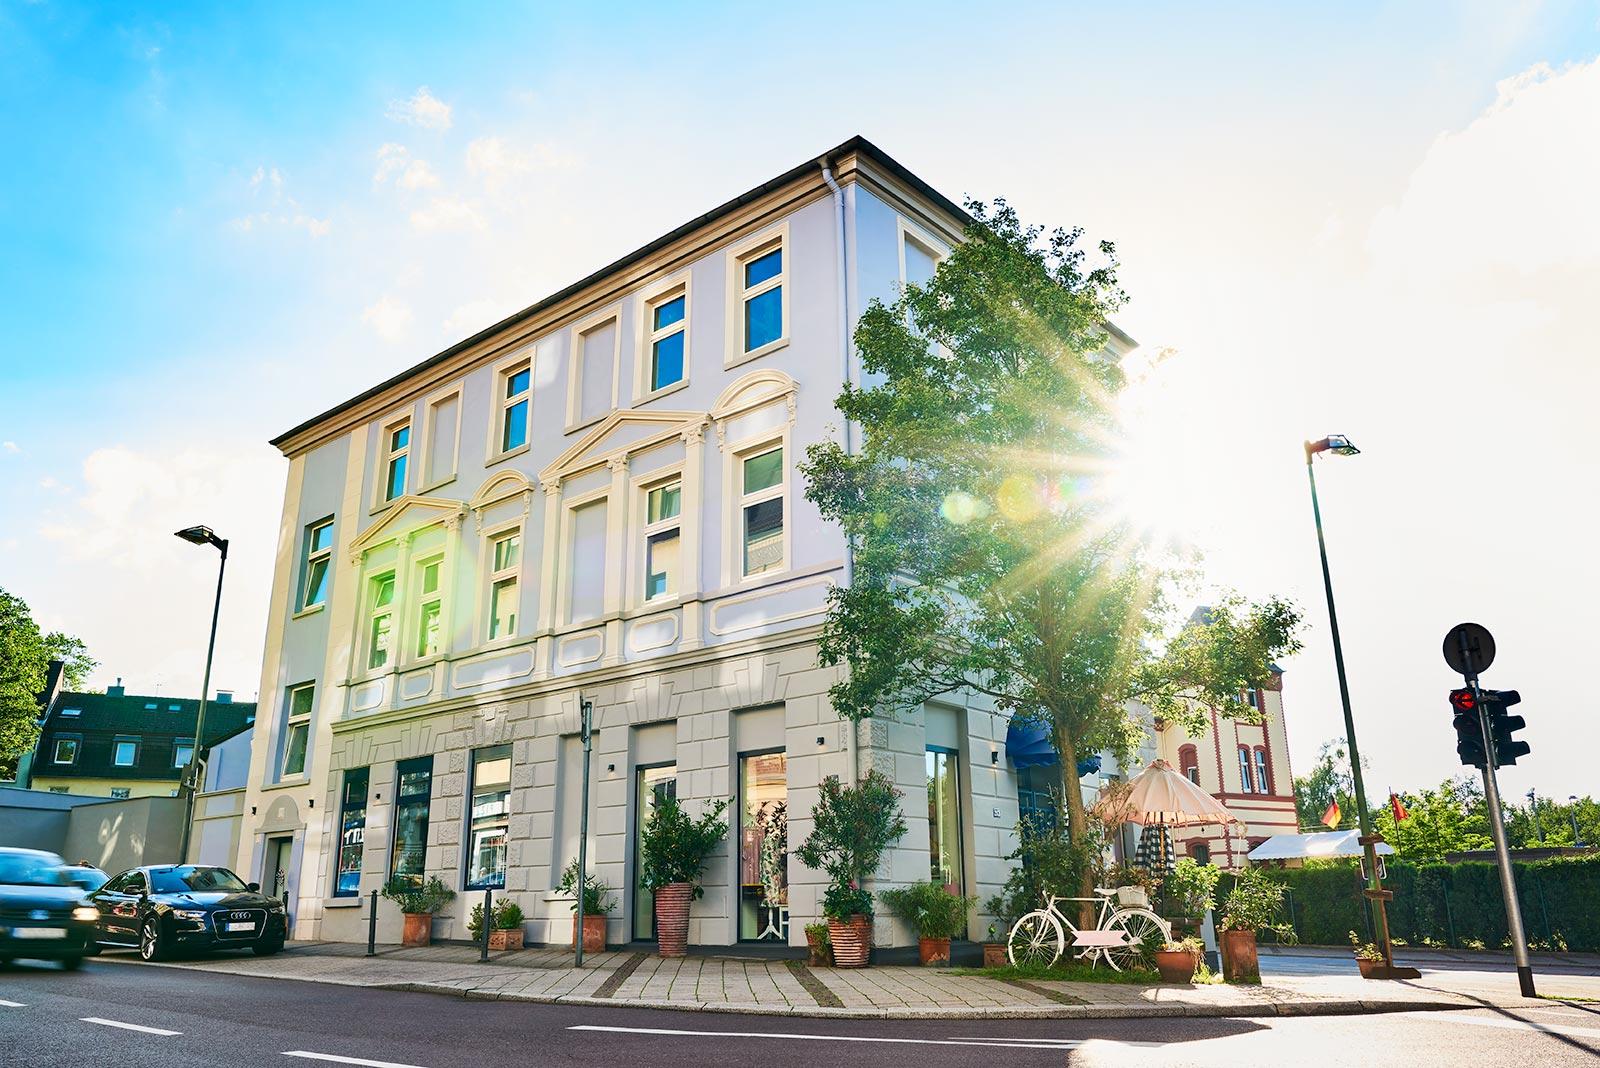 Immobilie in Essen Kray: KIK-Textilmarkt, Bekleidungsgeschäft